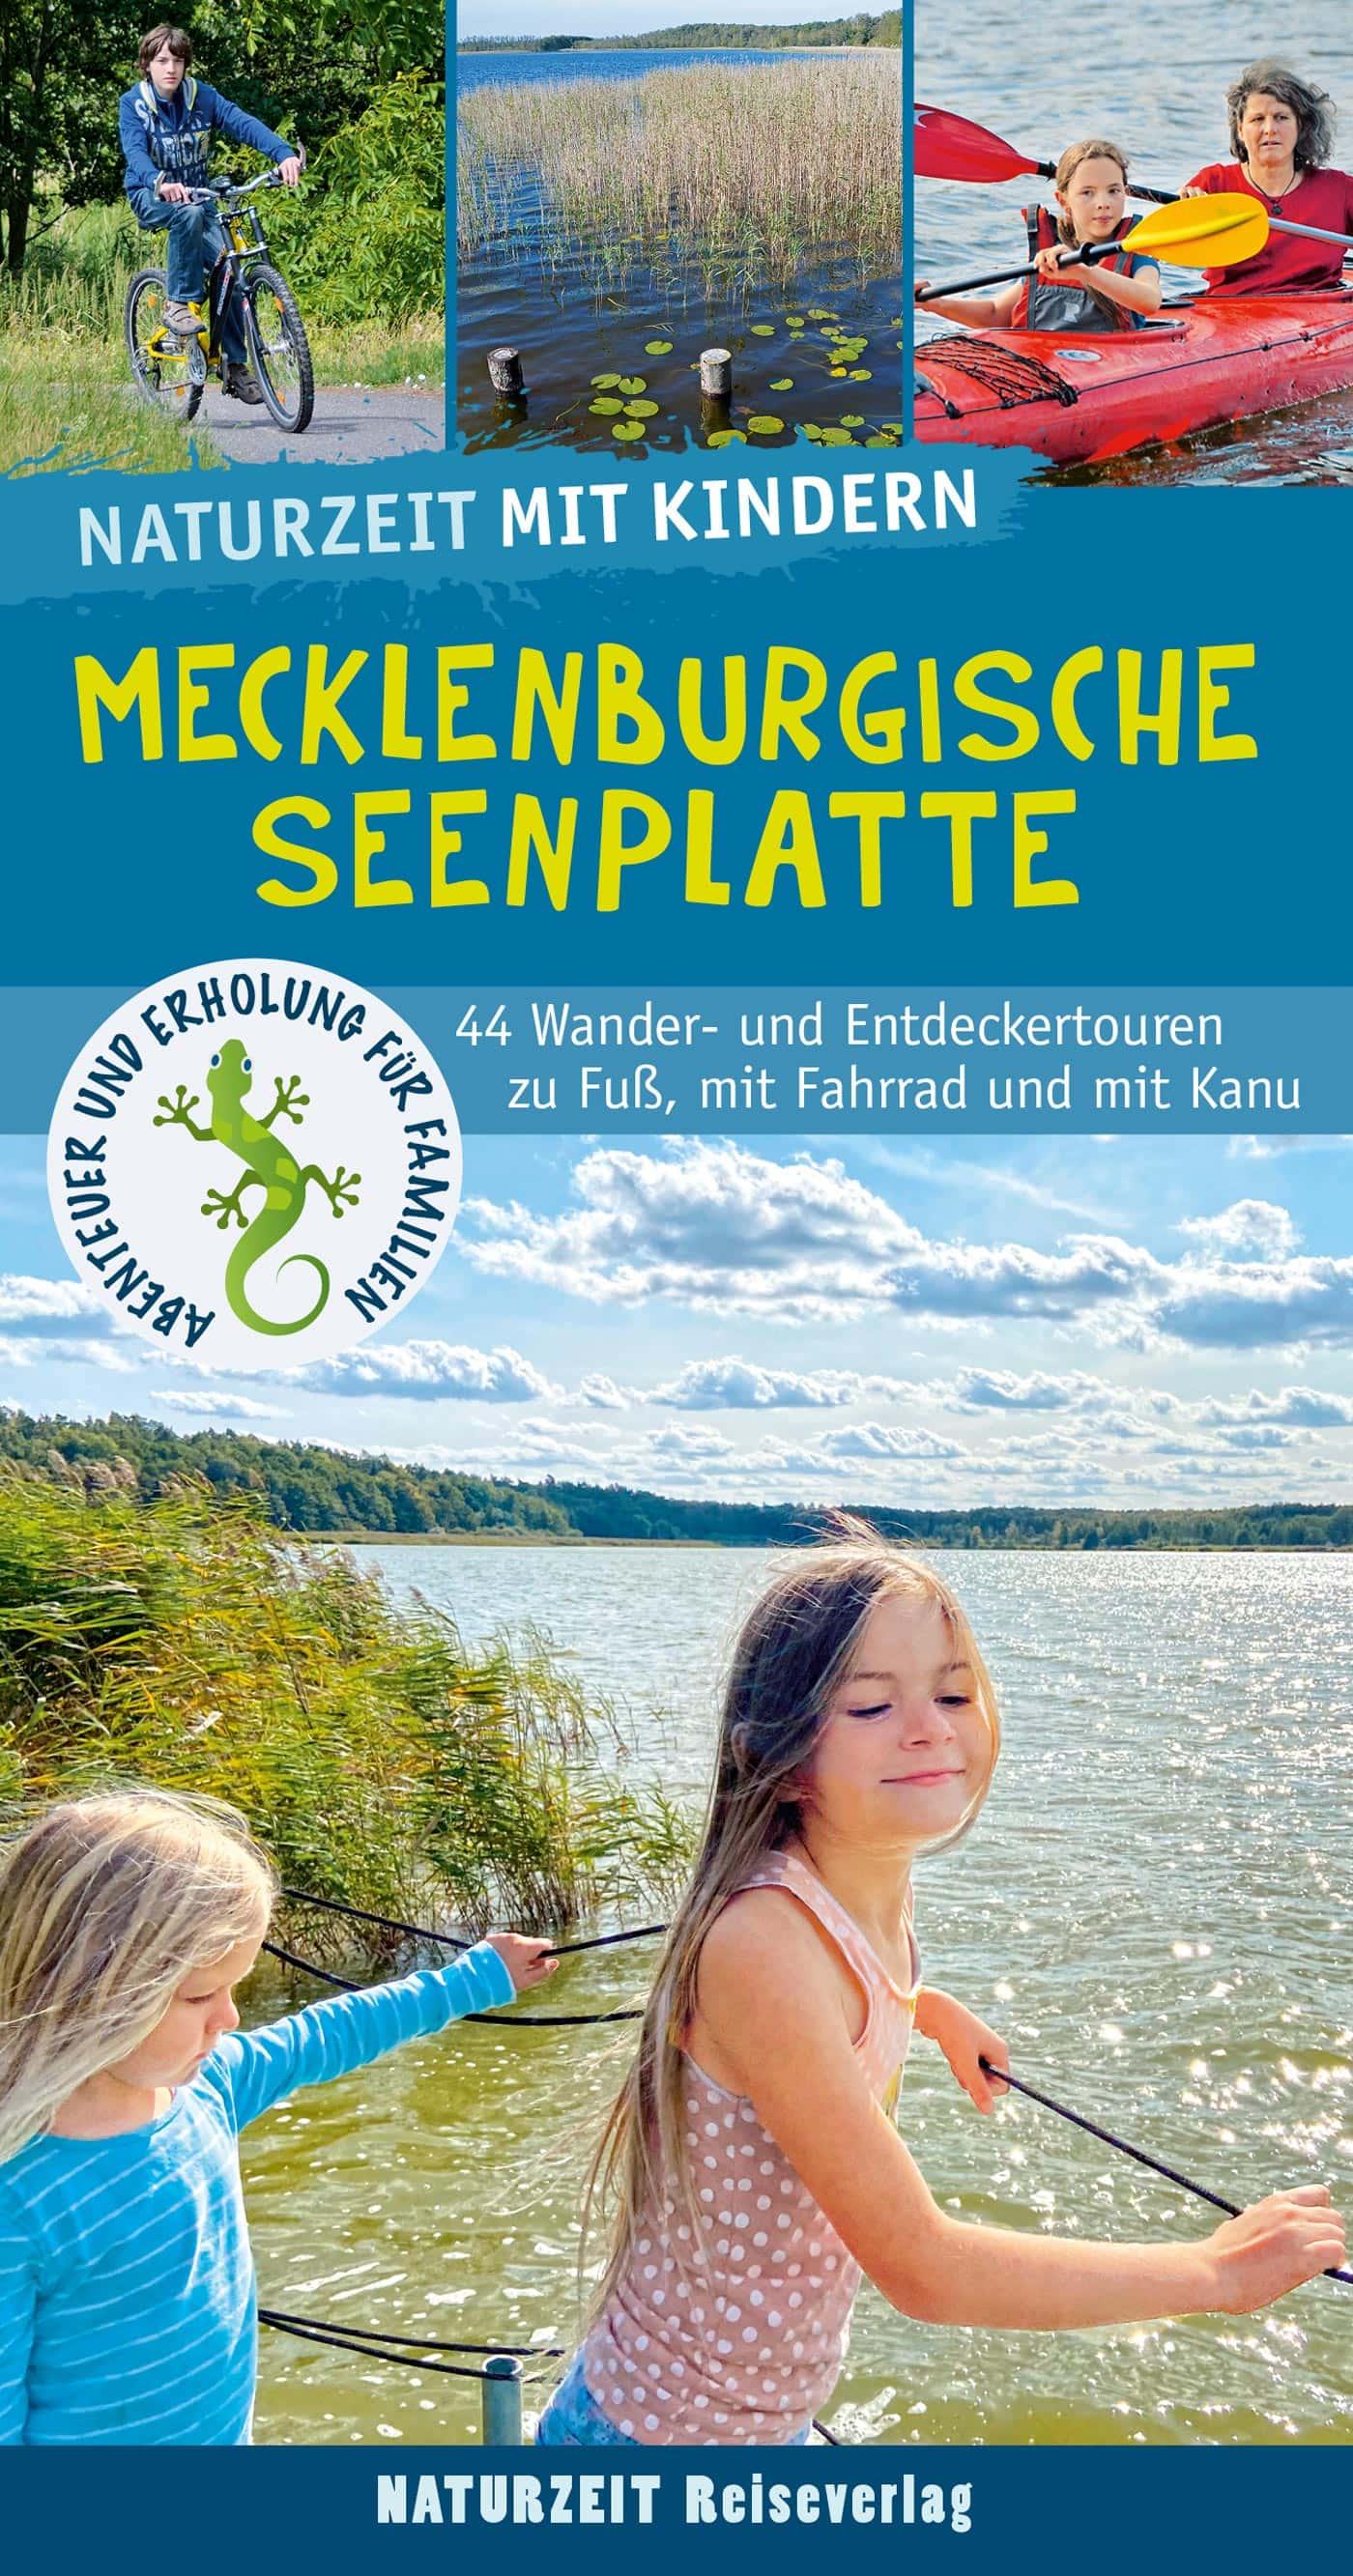 Naturzeit Familienreiseführer Mecklenburgische Seenplatte – Reisen mit Kindern // HIMBEER